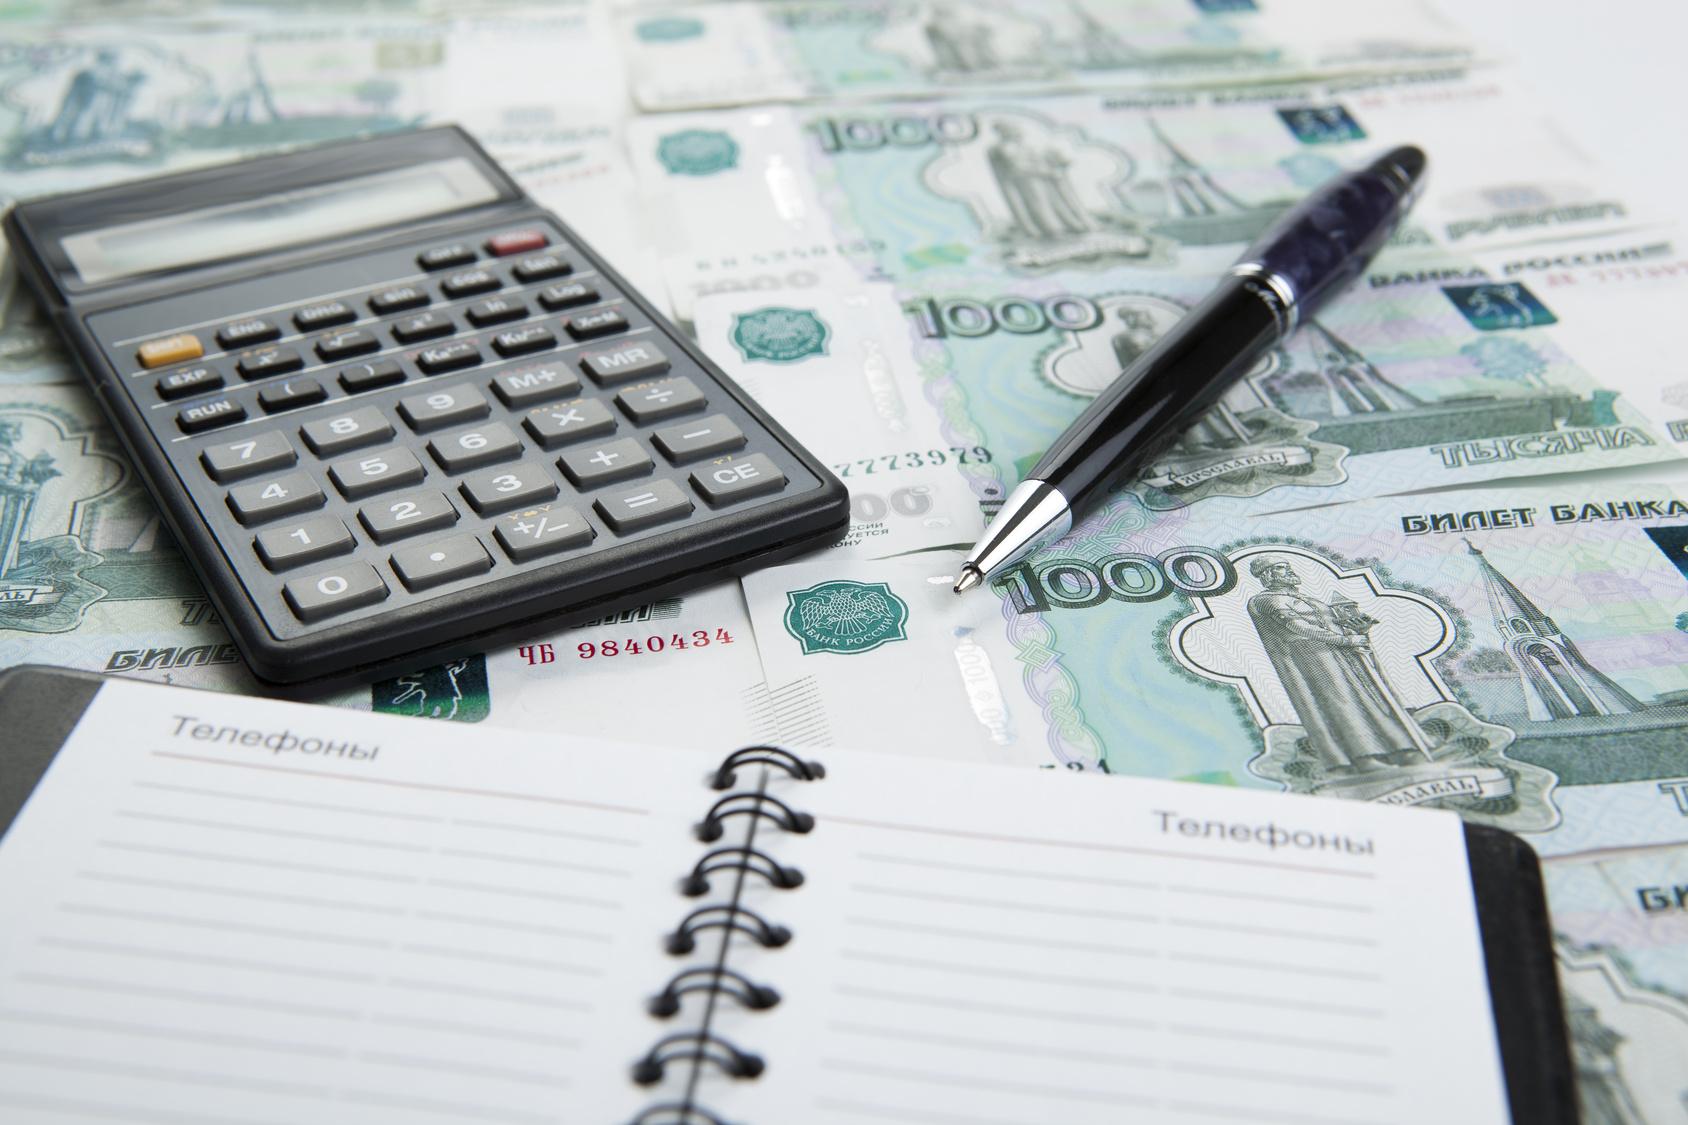 Картинка денег отчеты